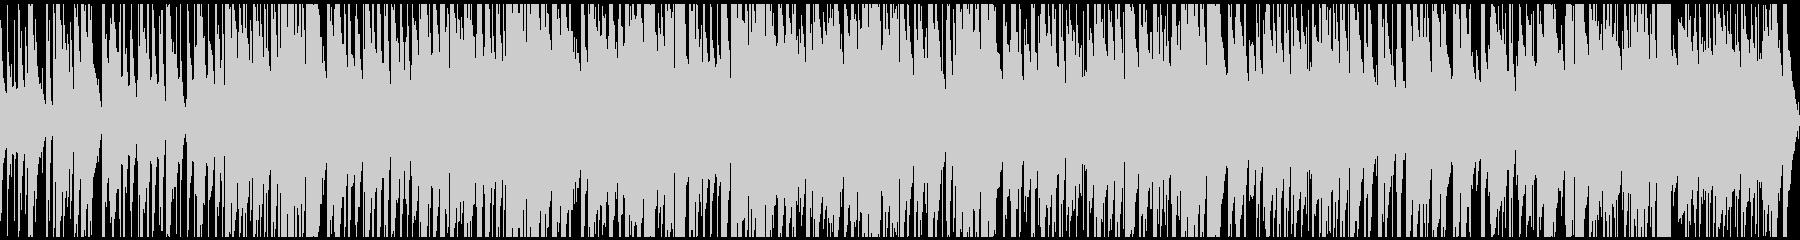 カフェで流れるようなJAZZ ループ仕様の未再生の波形